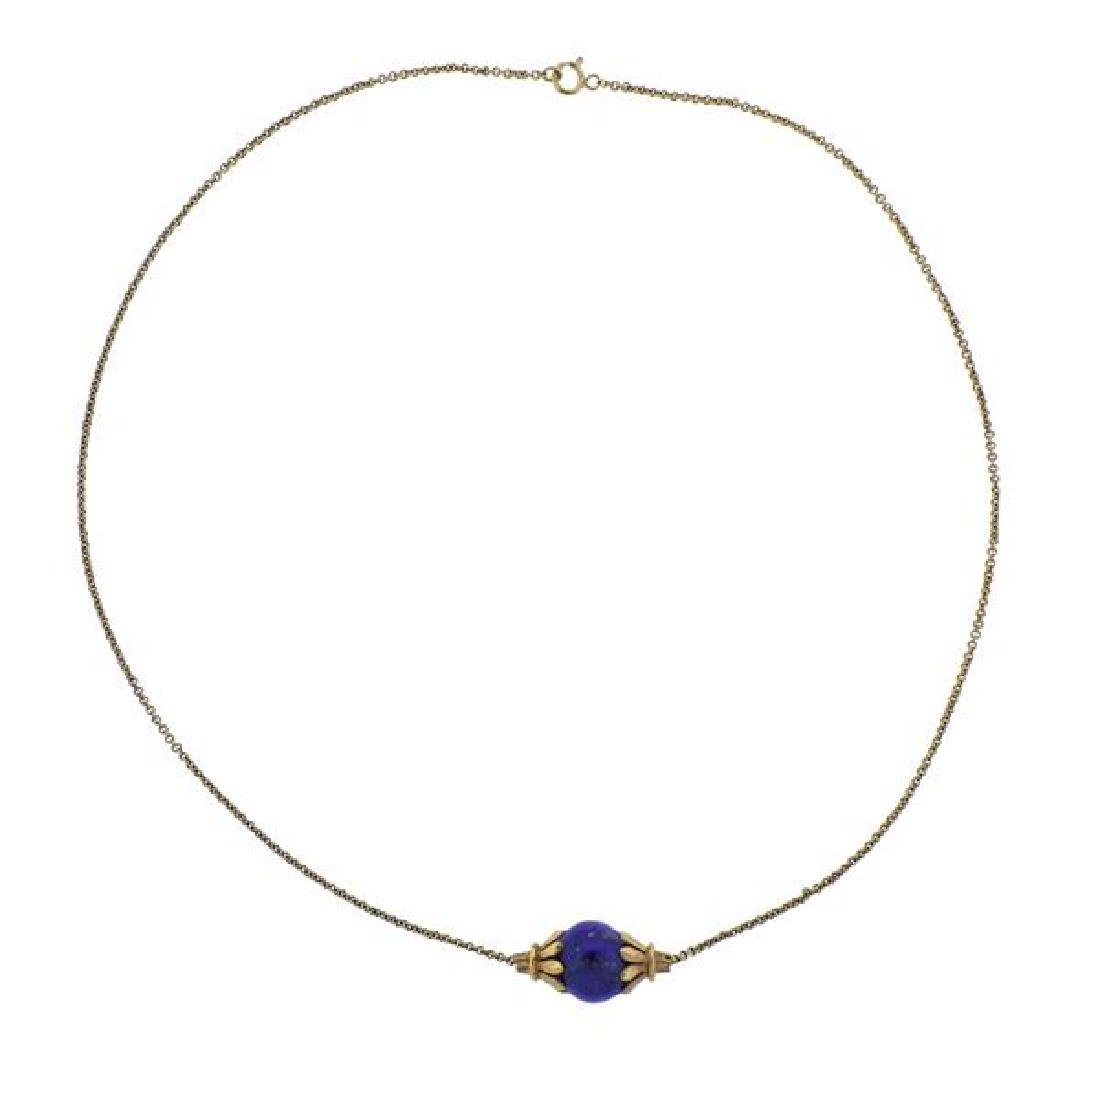 14K Gold Lapis Bead Pendant Necklace